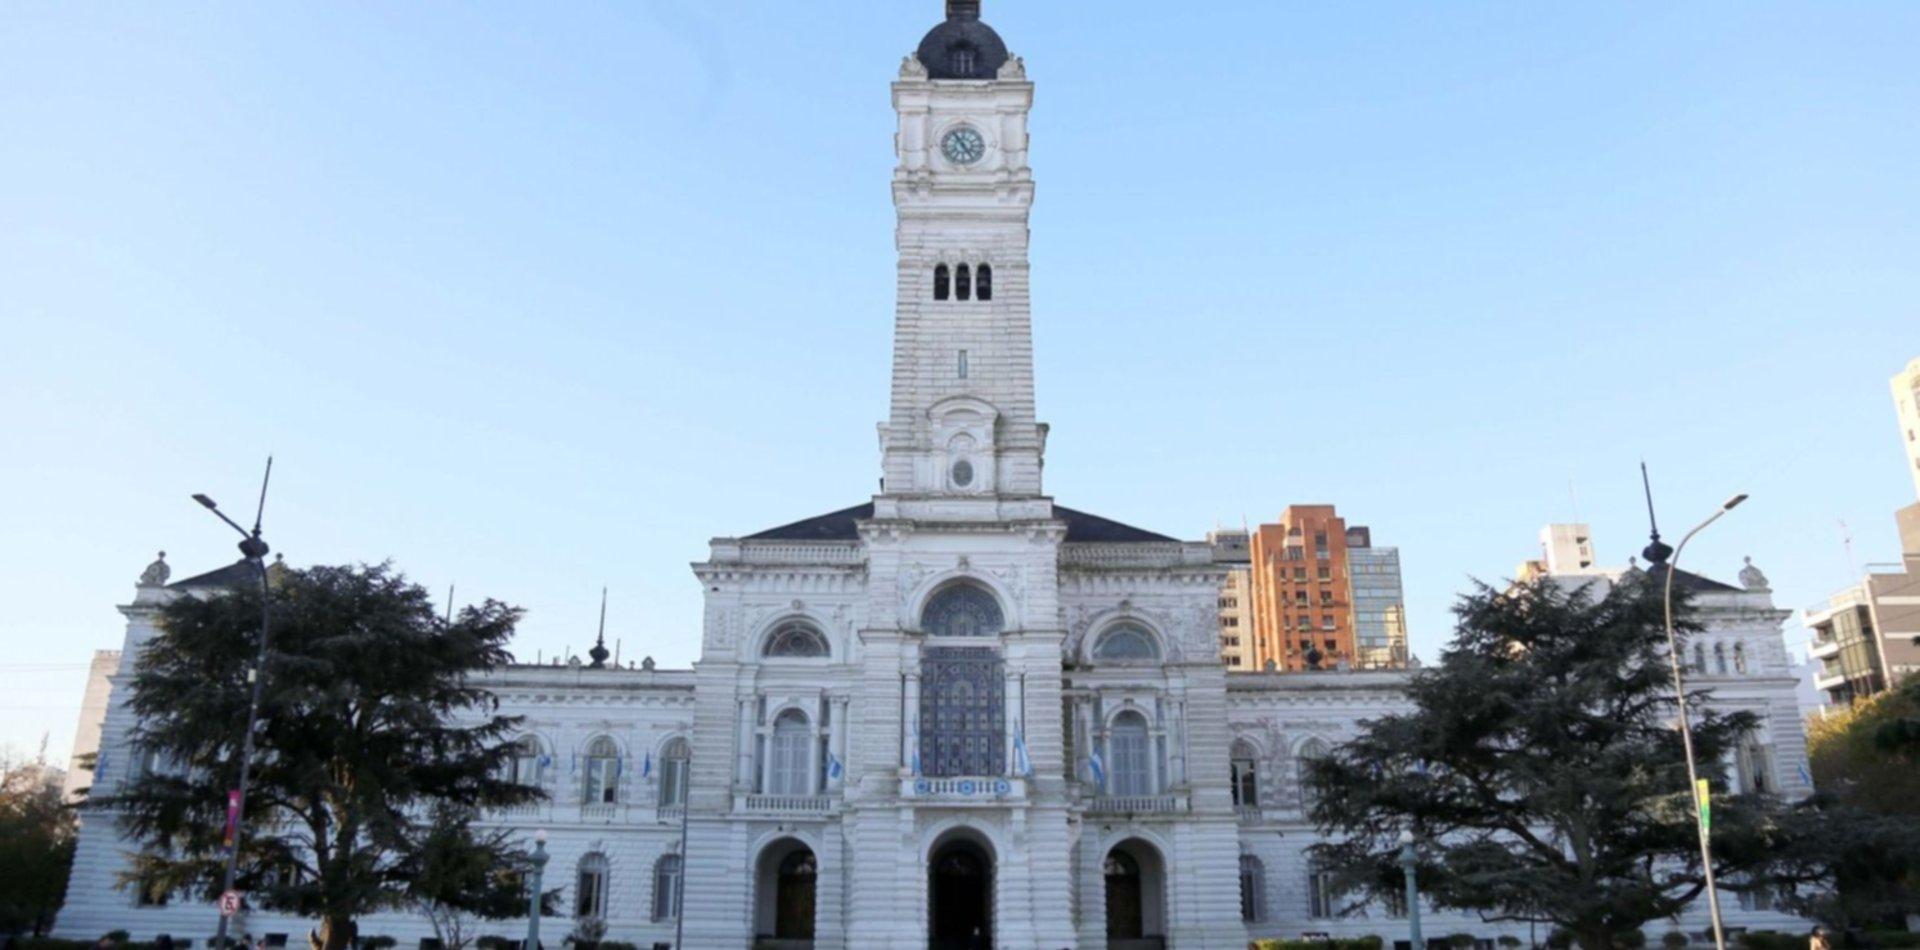 El Municipio ofreció una suba del 26,8% y los gremios lo rechazaron: seguirán negociando